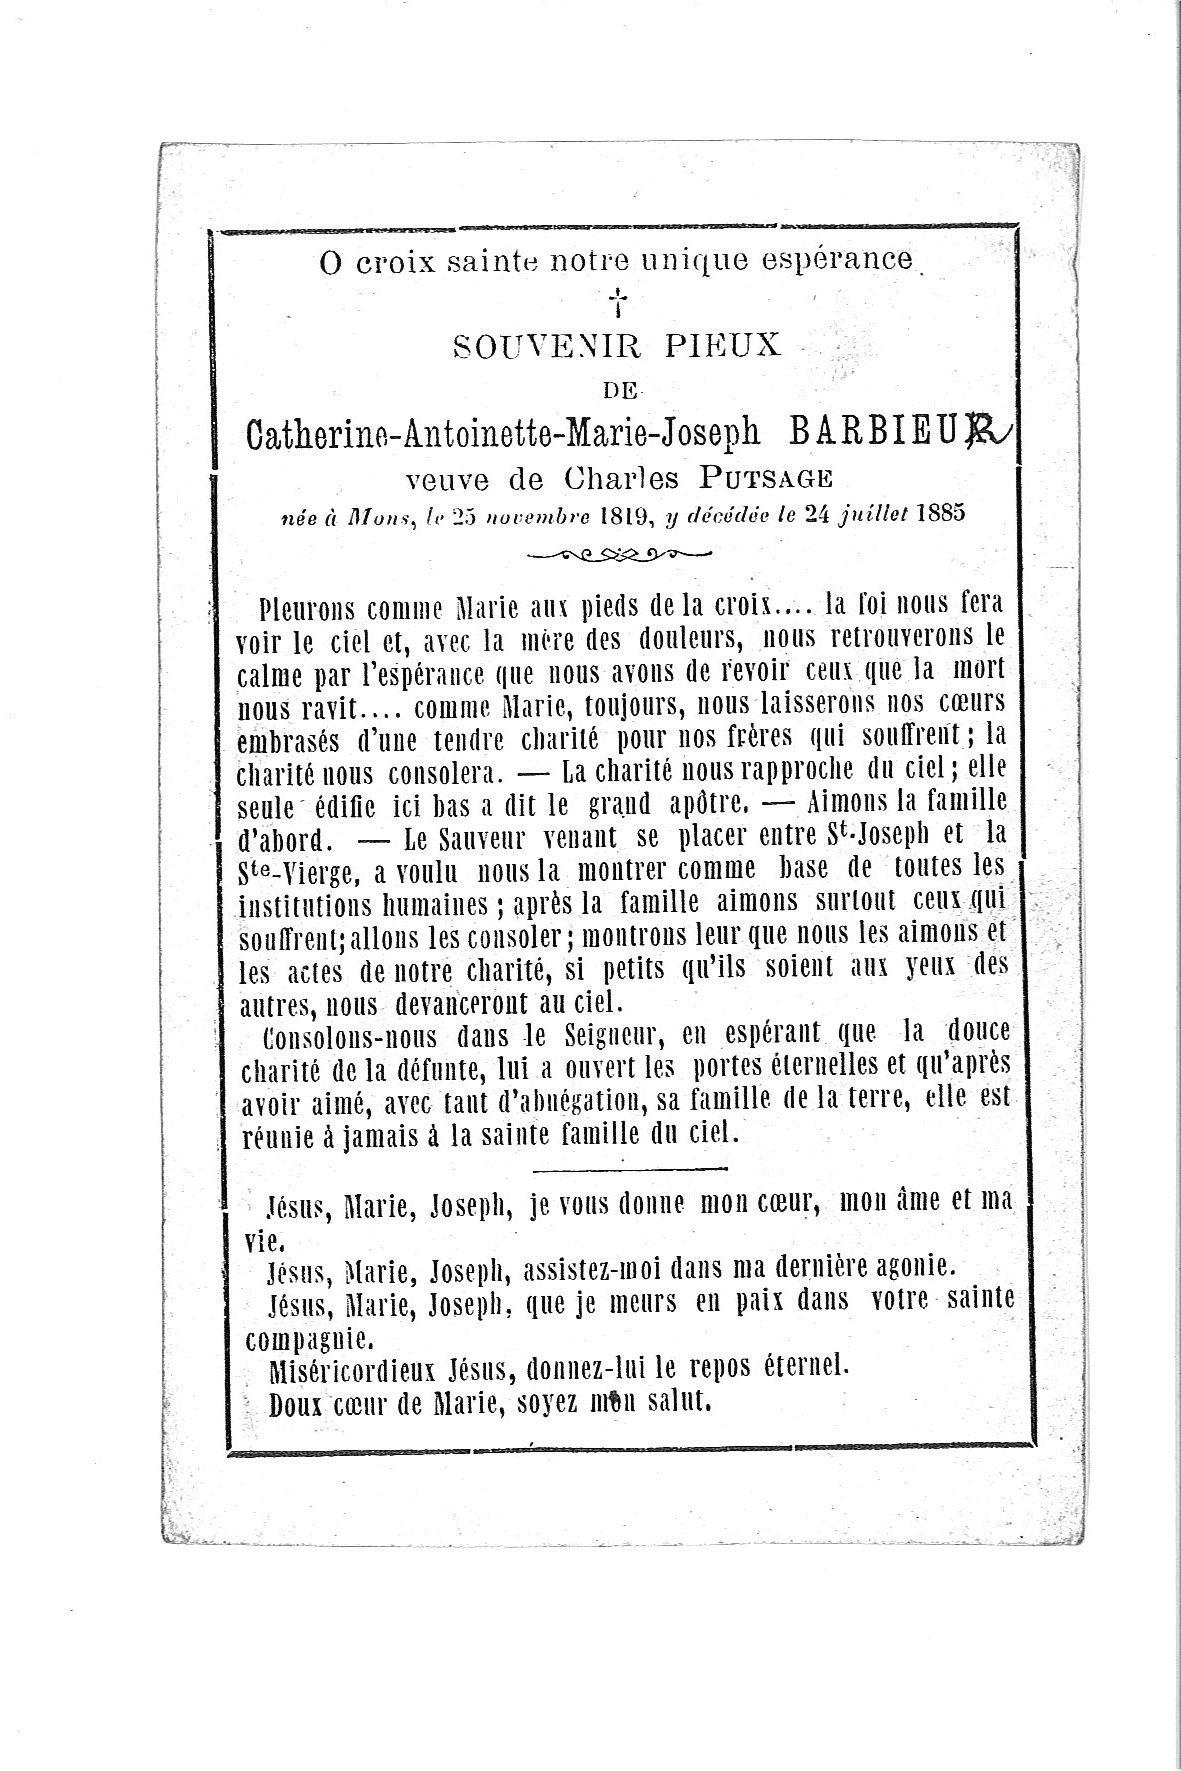 catherine-antoinette-marie-joseph(1820)20090604114516_00026.jpg